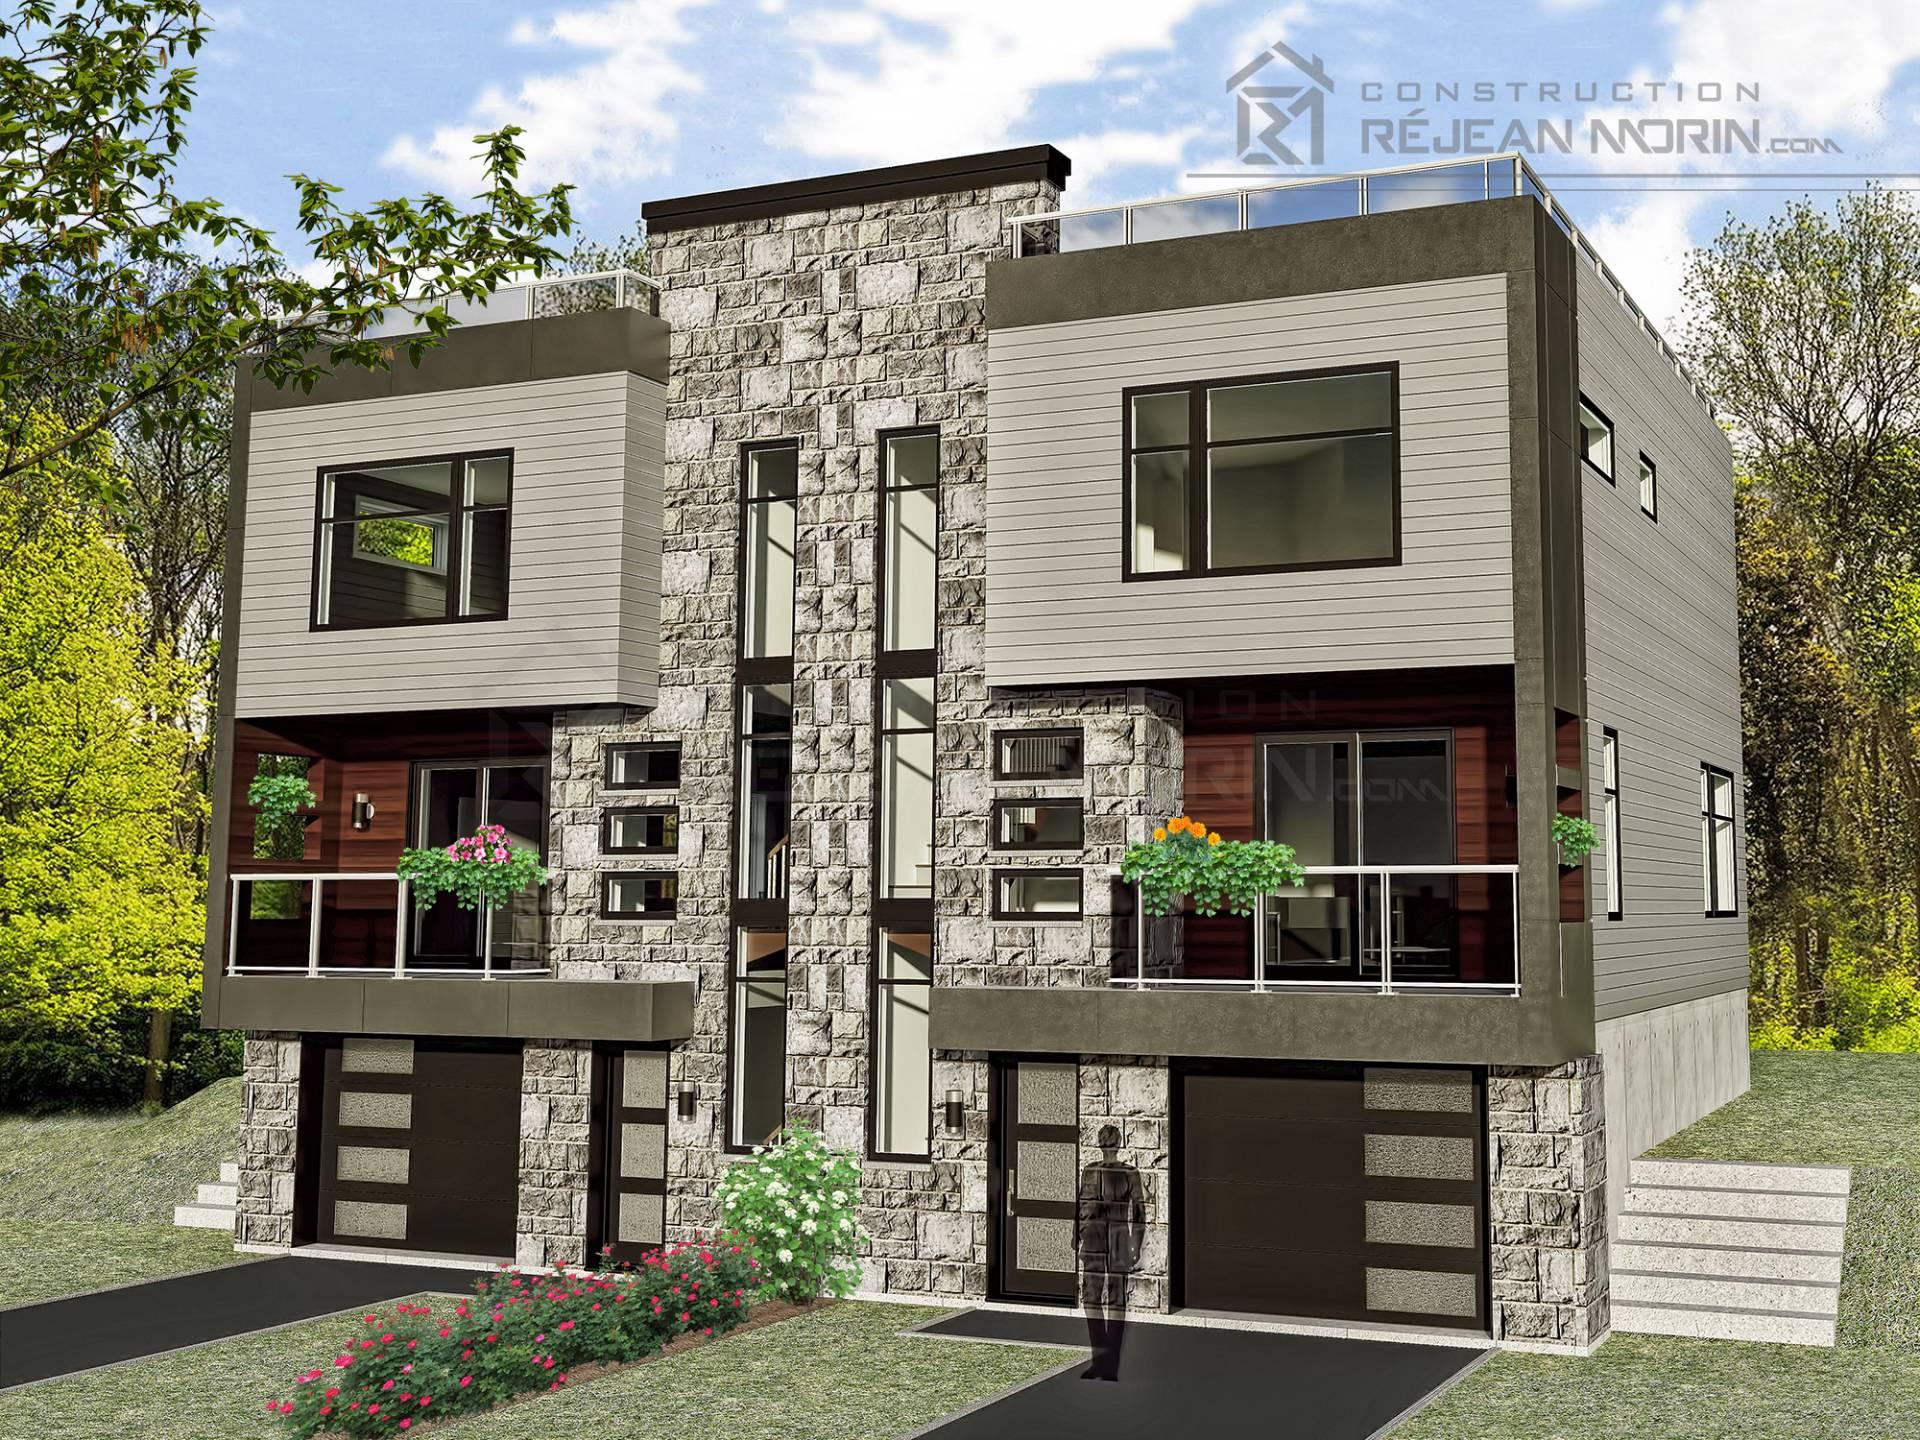 Mod le j 1004 construction r jean morin for Modele maison 2016